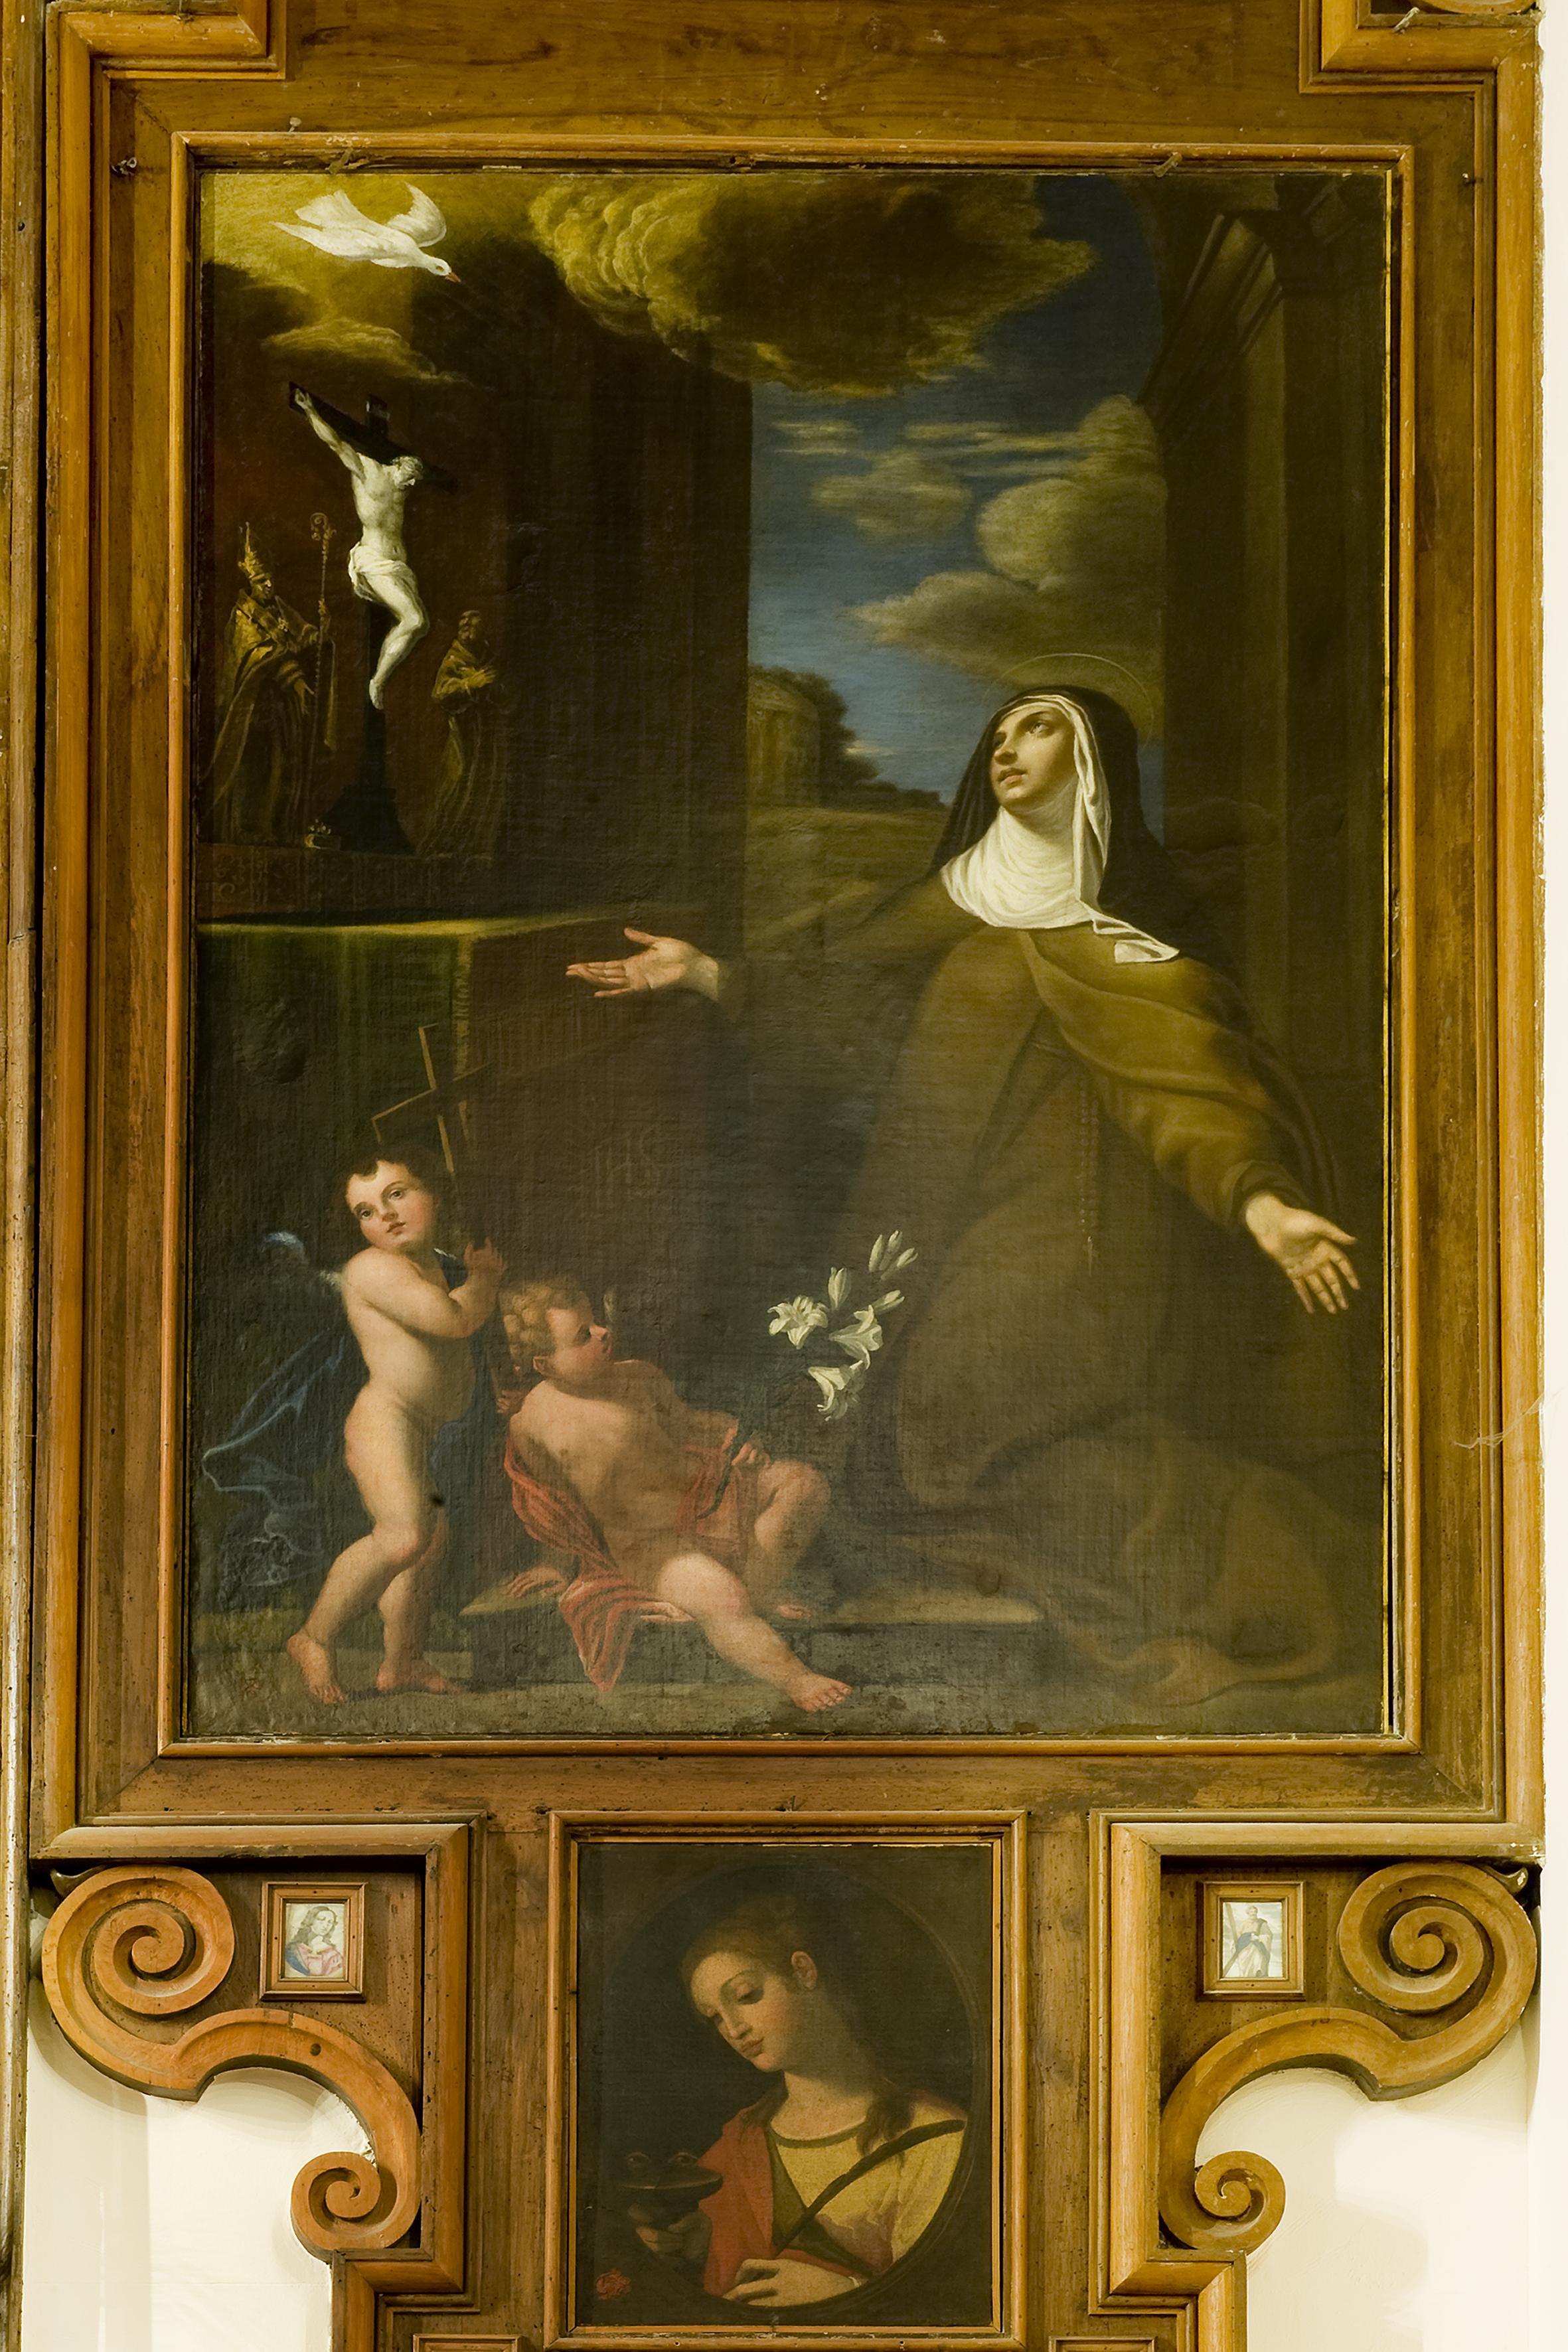 Fra Semplice da Verona, Beata Lucia da Caltagirone, olio su tela, sec. XVII